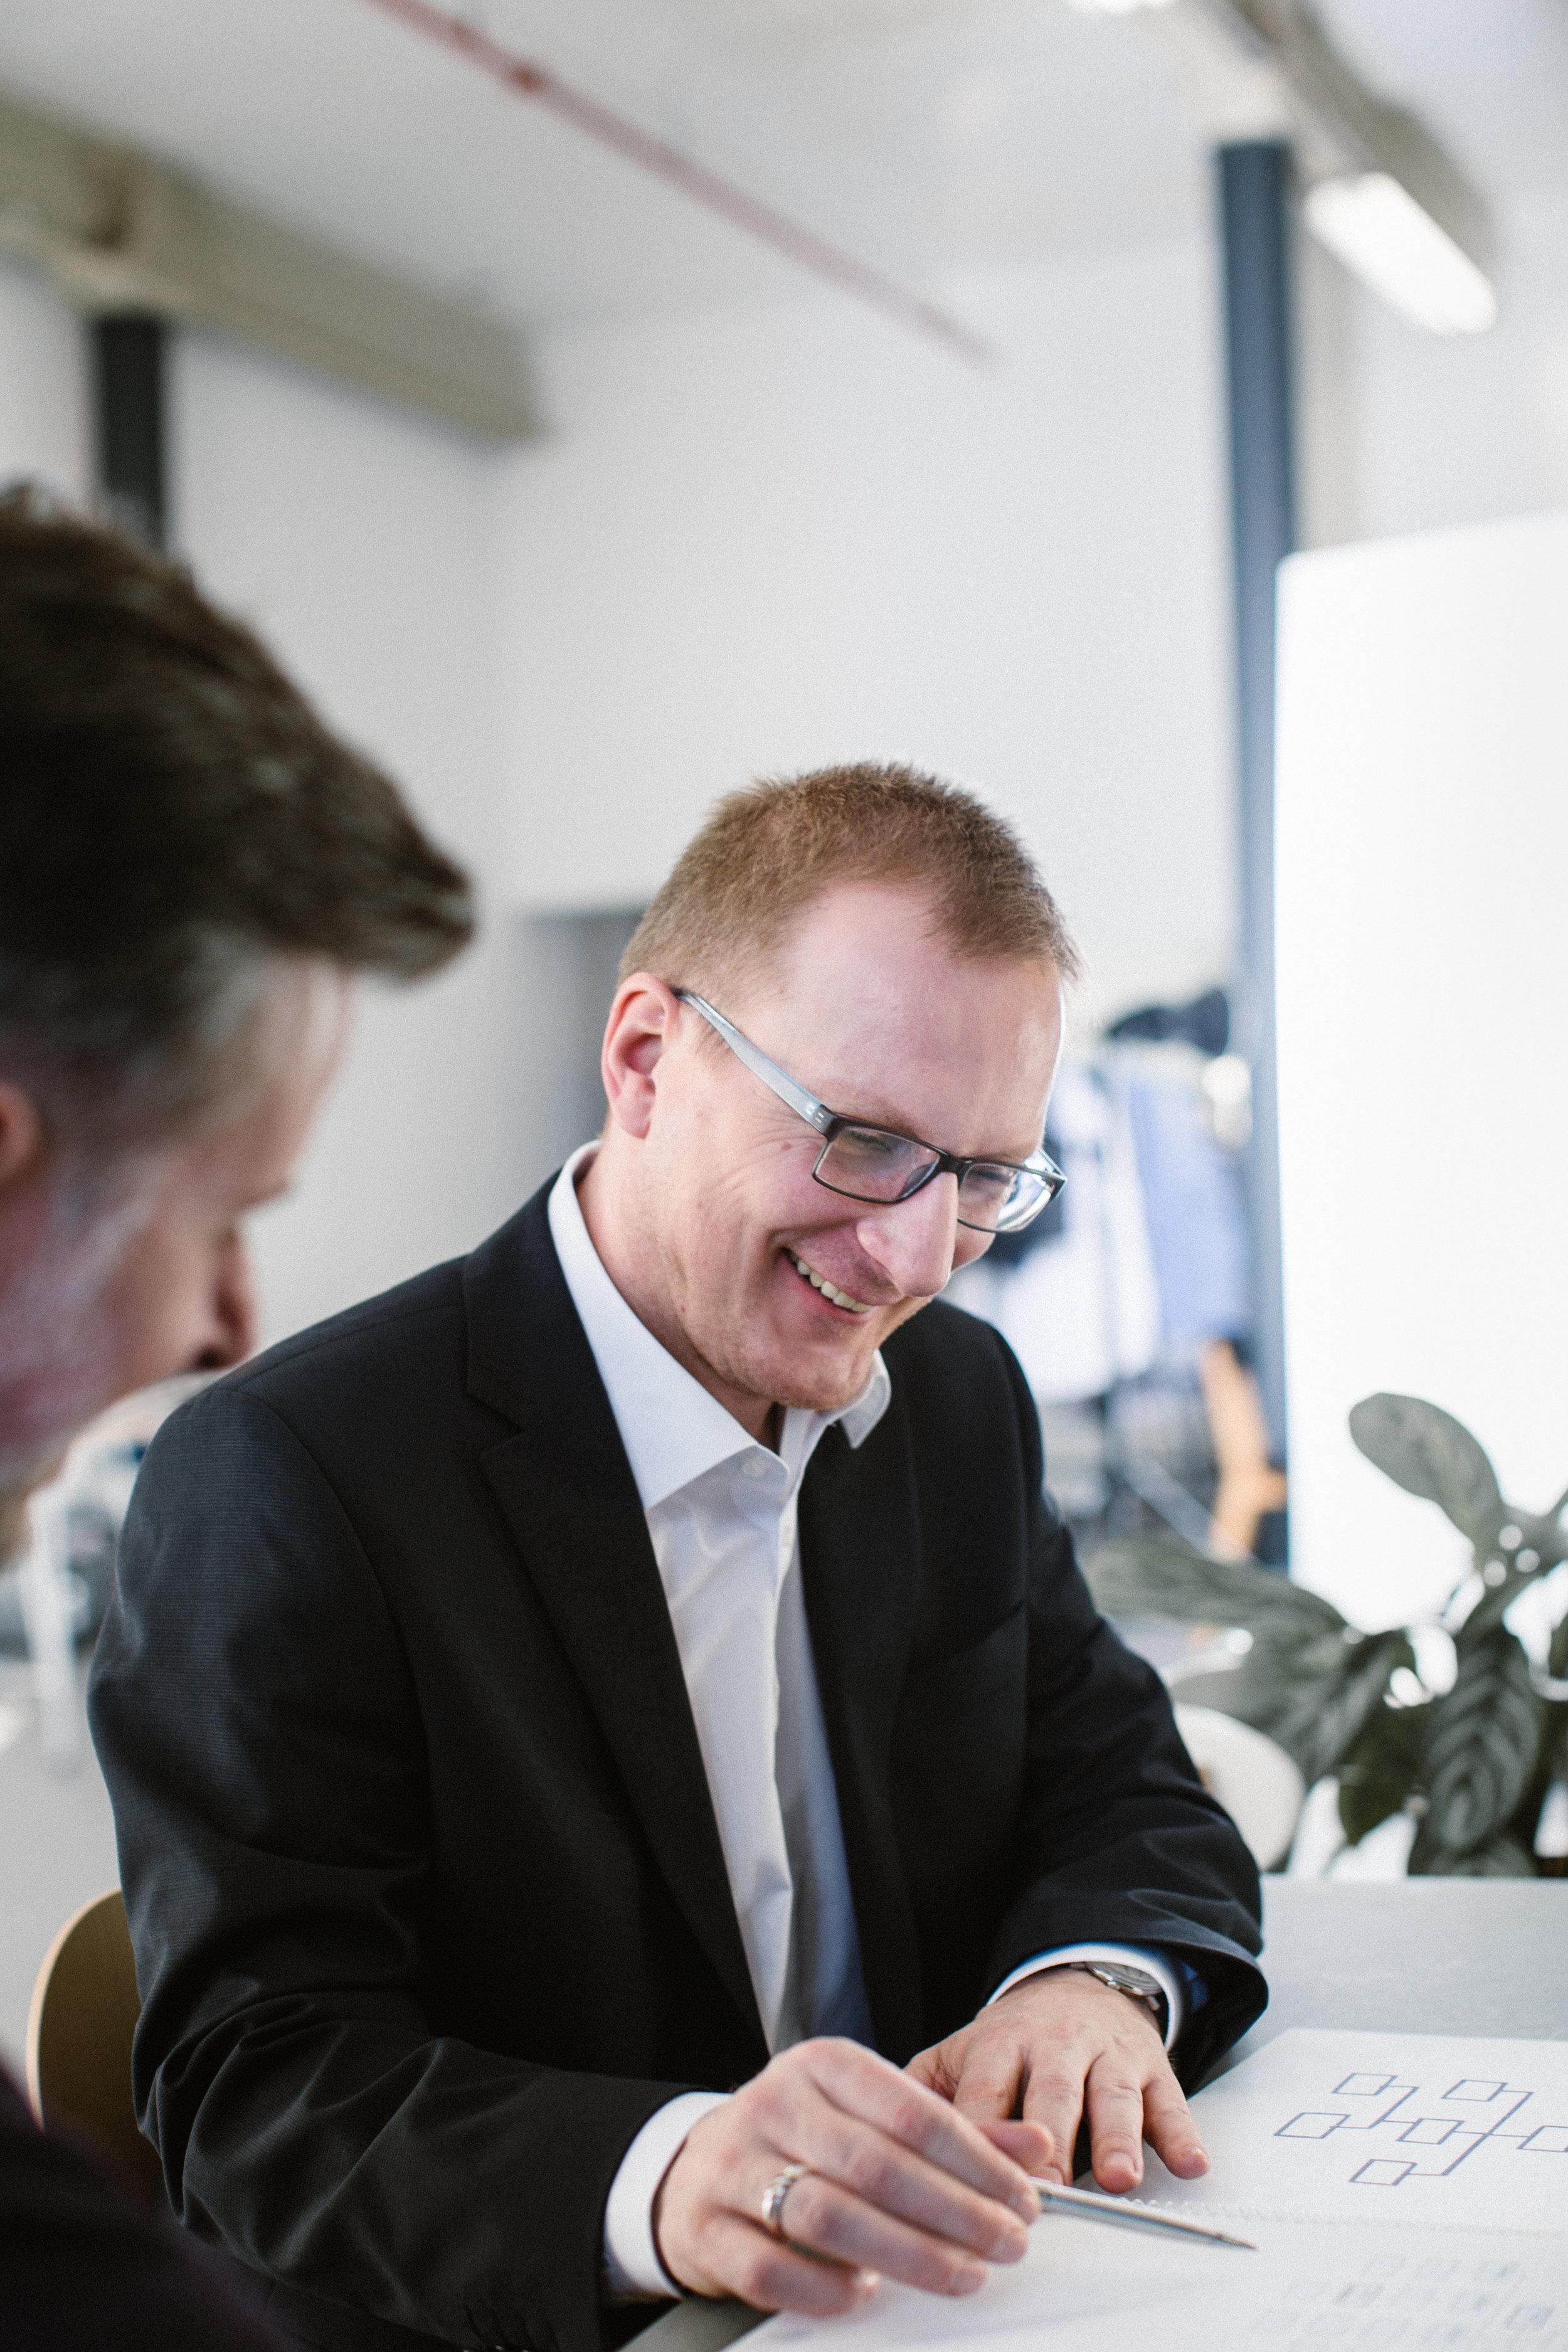 Organisationsberater Falk Rodigast erklärt Sachverhalt